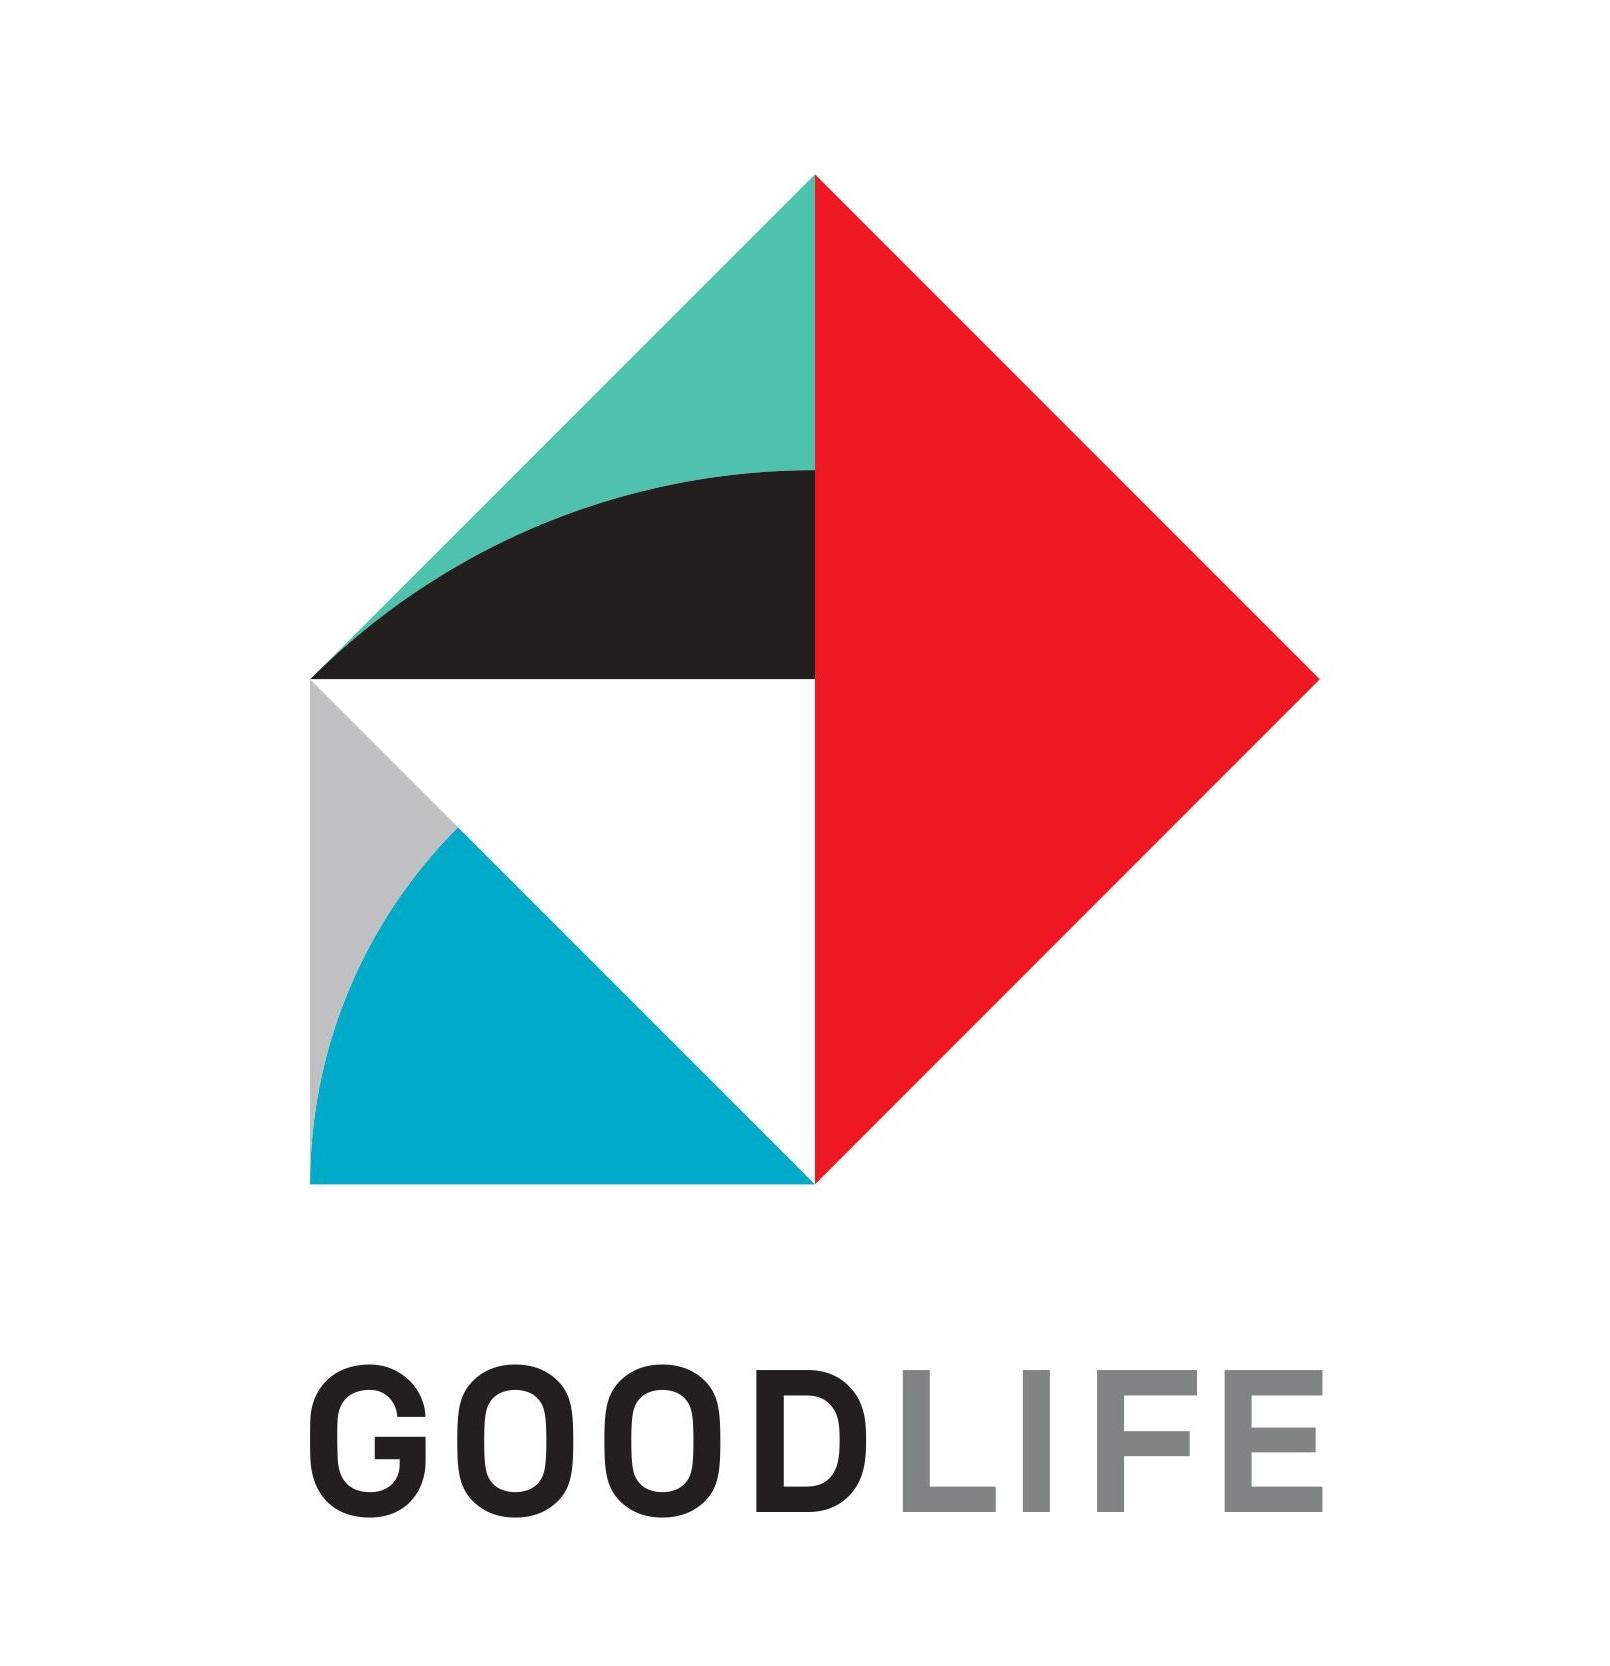 株式会社GOODLIFE